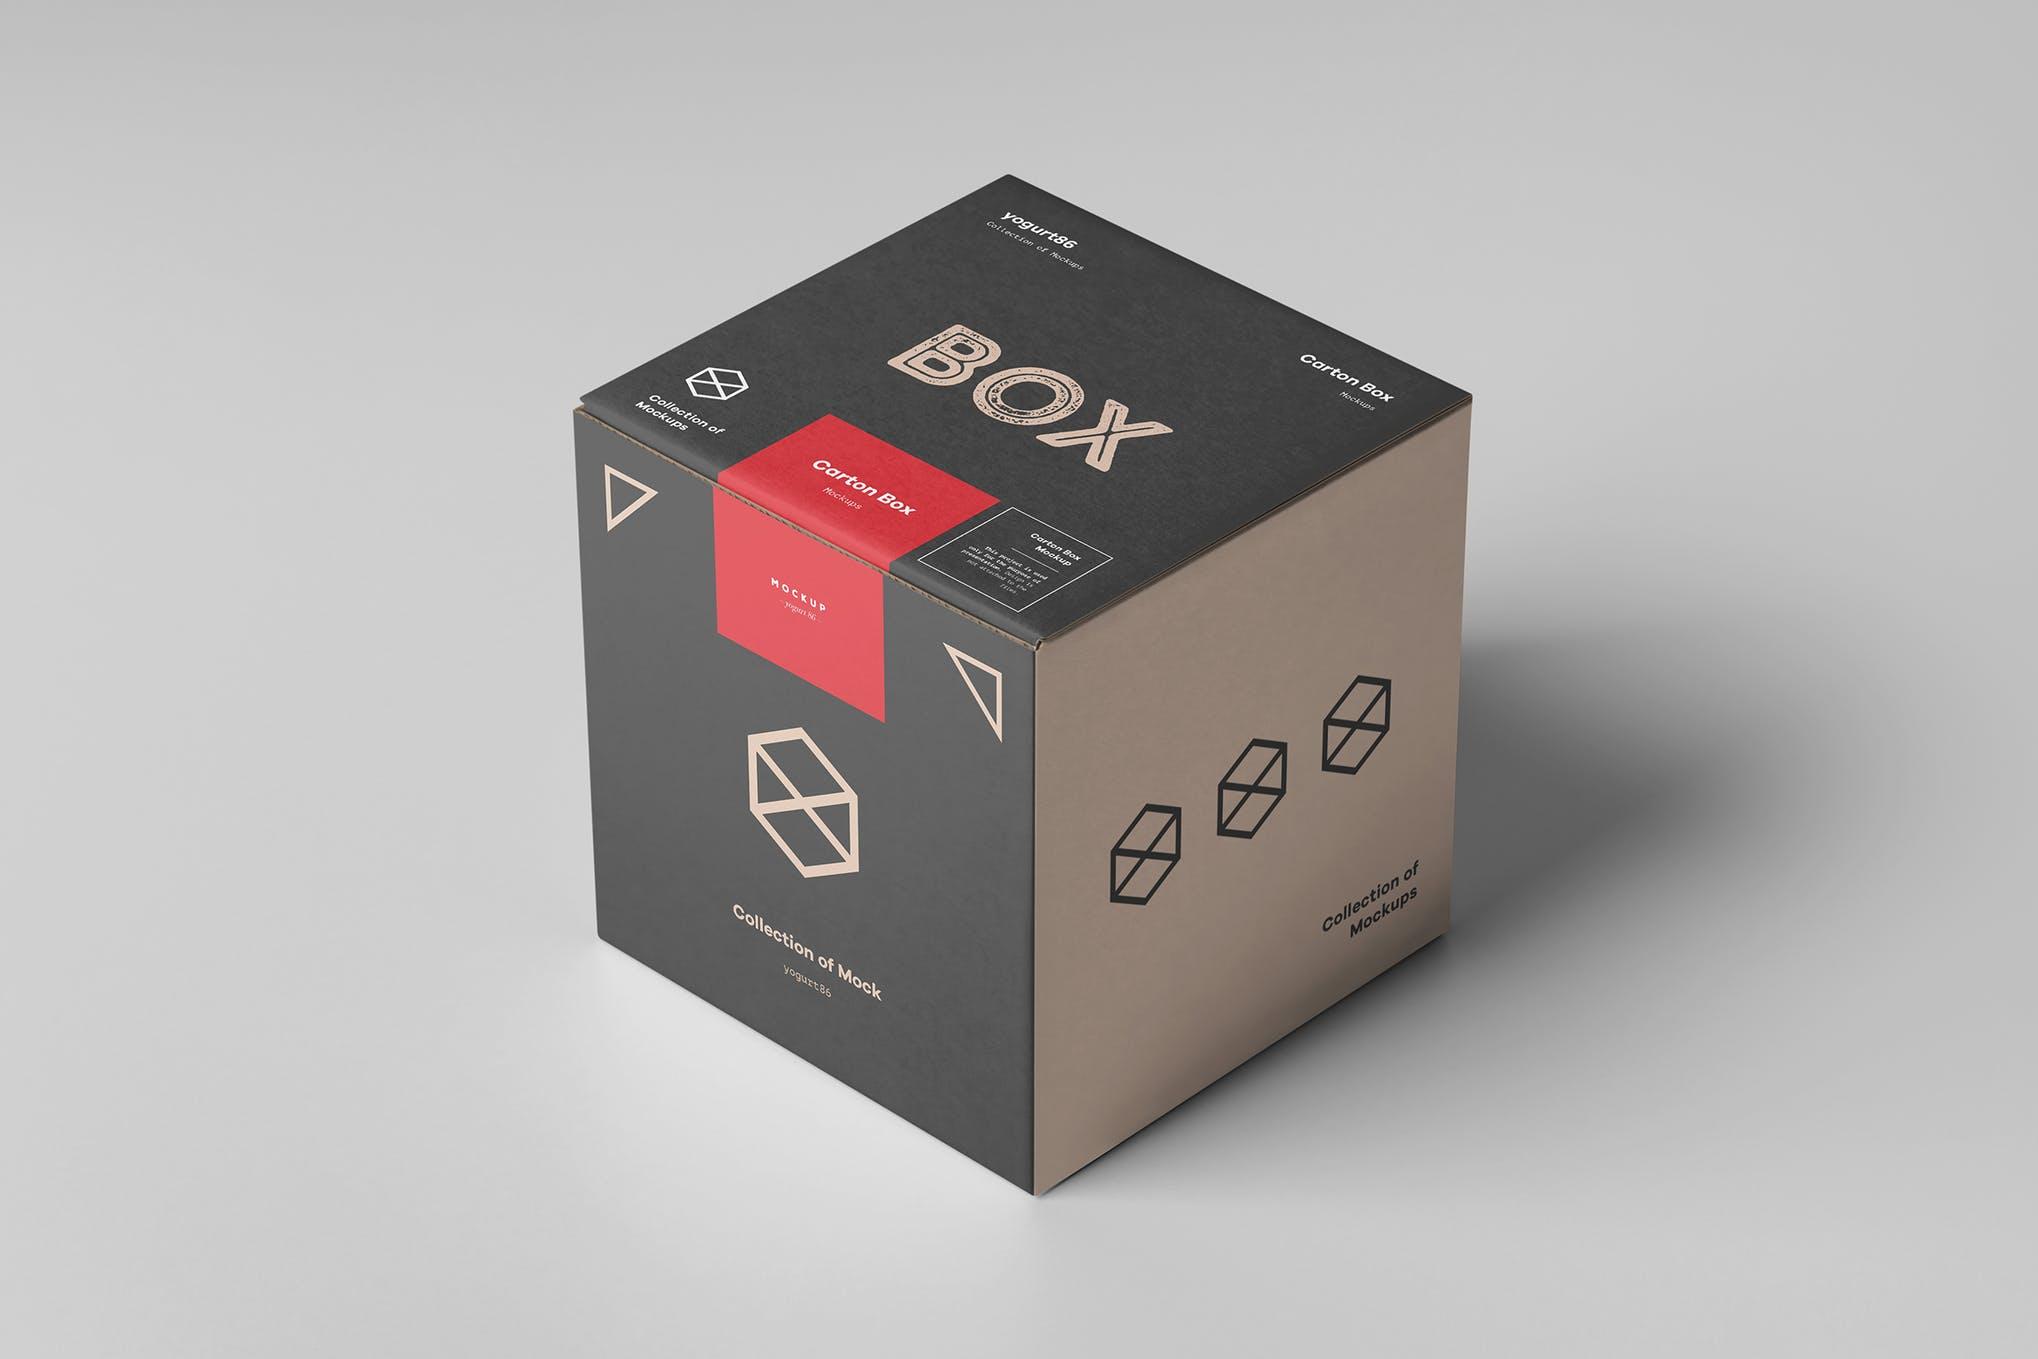 100x100x100 正方形包装盒样机效果图插图(1)